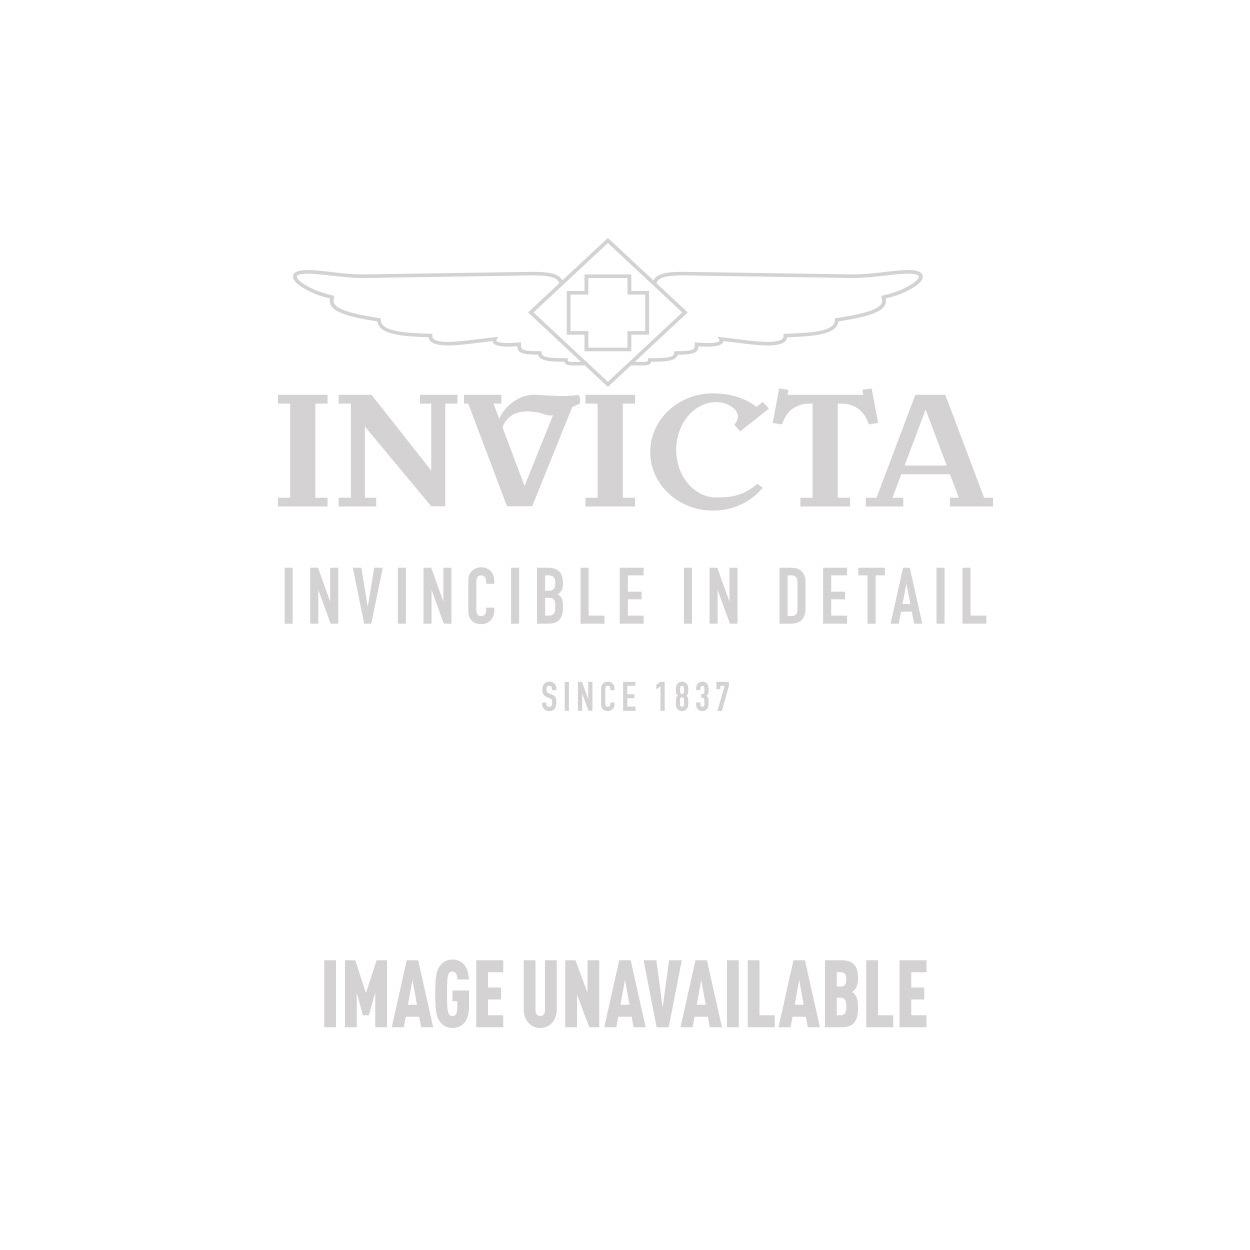 Invicta Model 29376